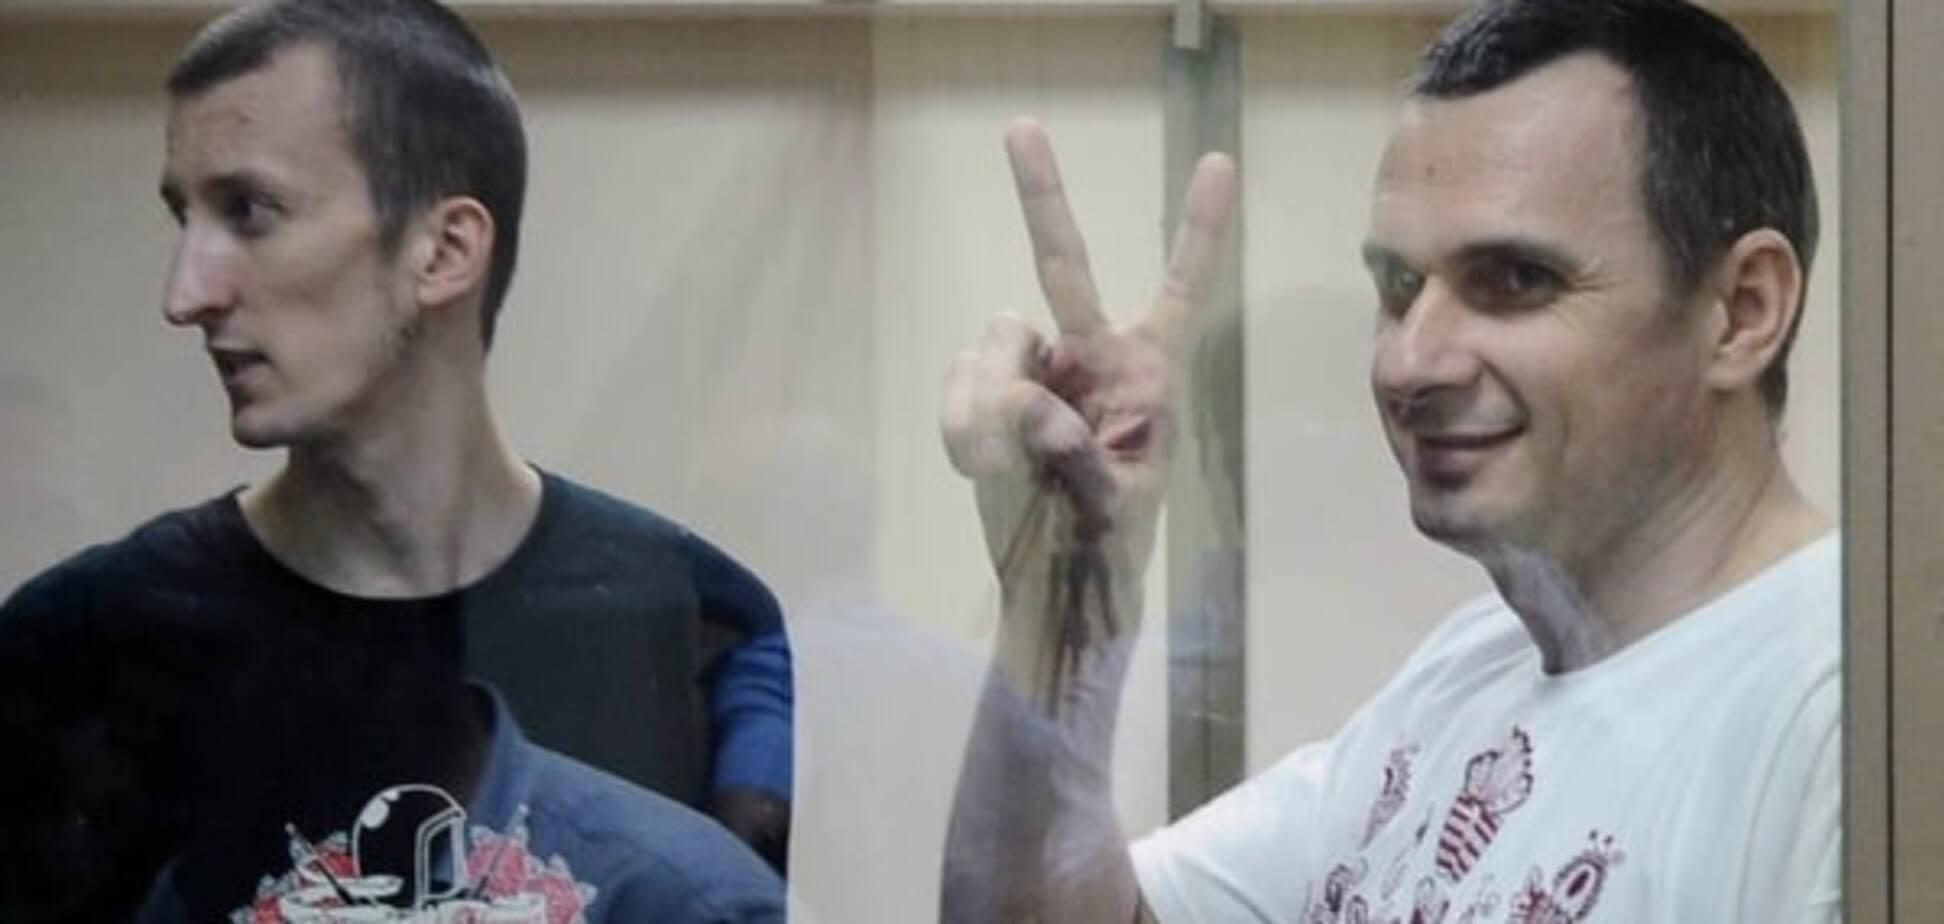 Ще троє українців, незаконно засуджені у Росії, підписали документи на екстрадицію